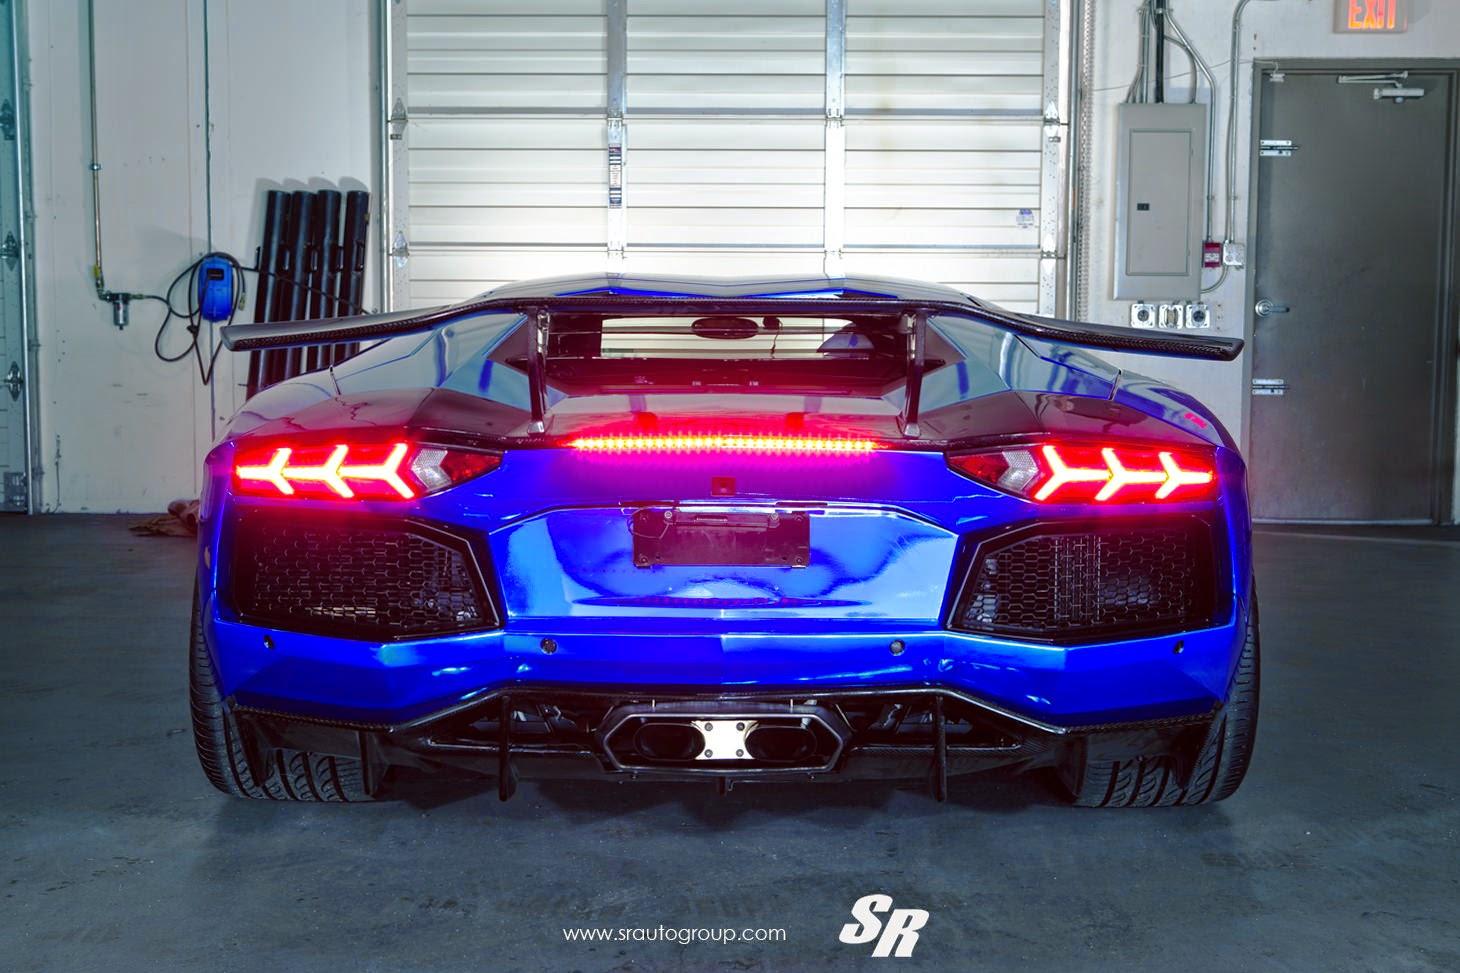 awesome chrome blue lamborghini aventador - Lamborghini Aventador Blue Chrome